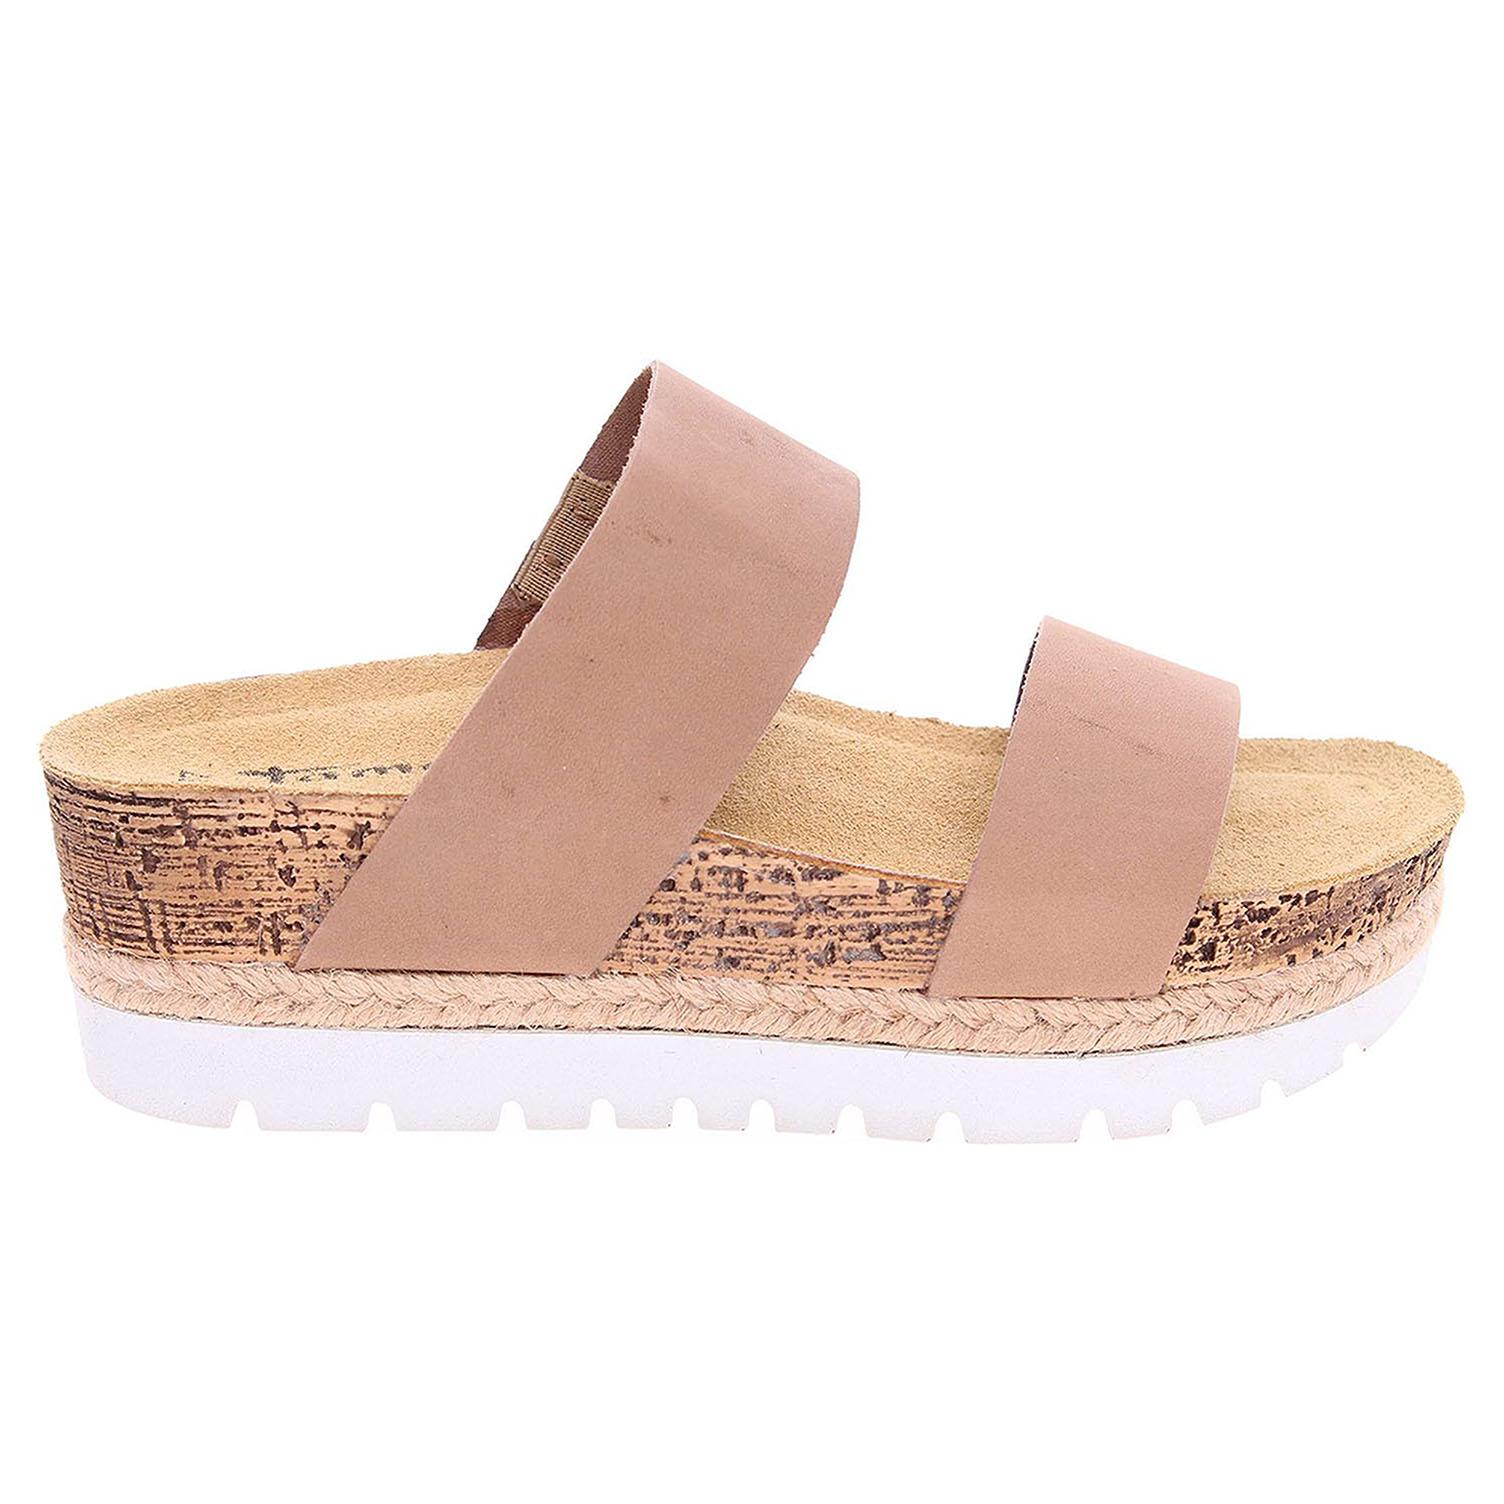 Ecco Tamaris dámské pantofle 1-27215-28 béžové 23600813